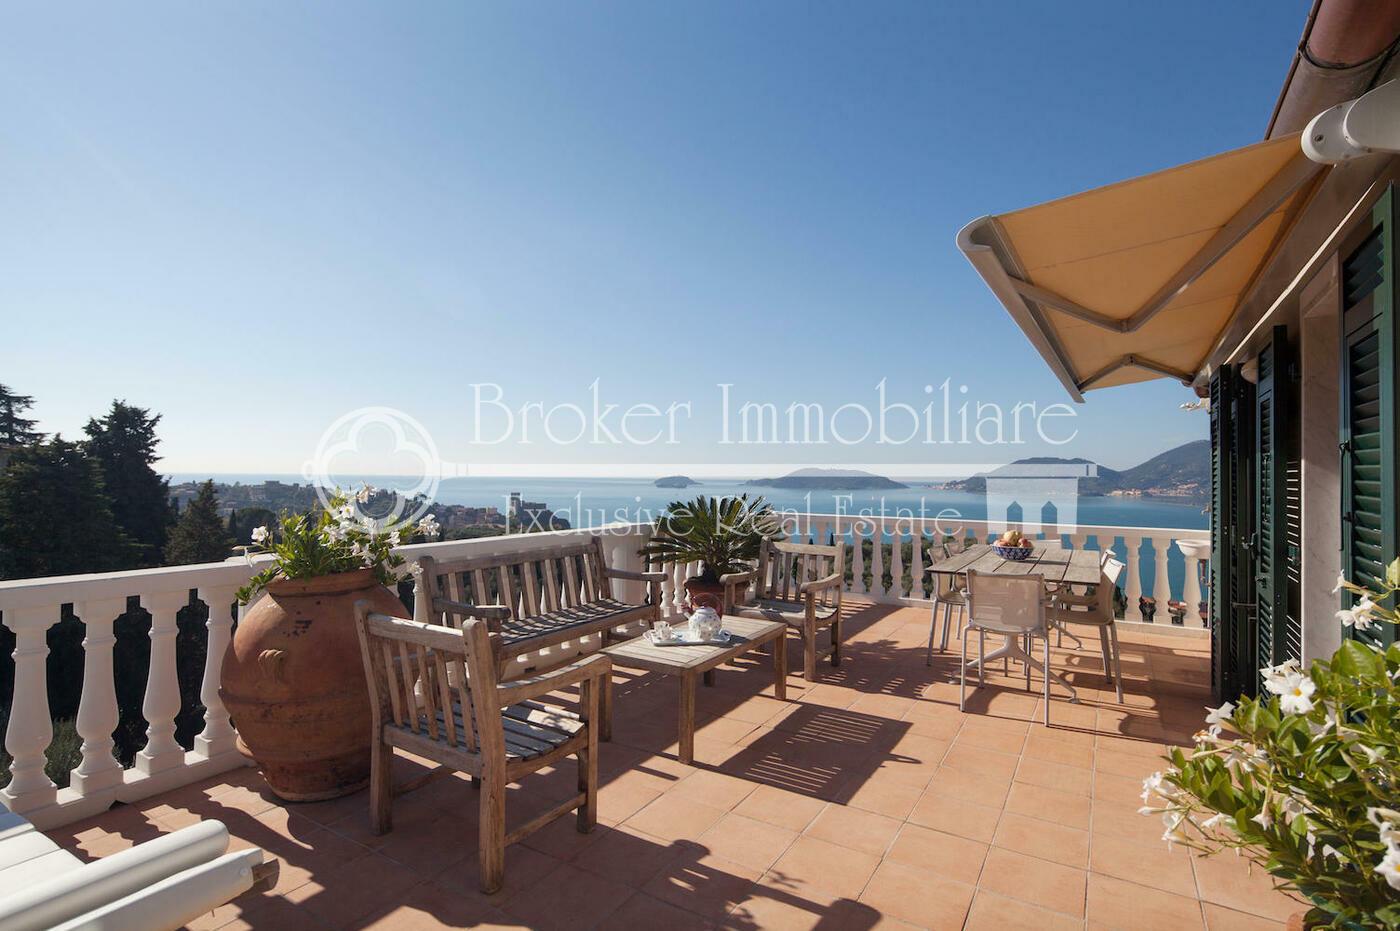 Attico in vendita a Lerici, con grandi terrazze vista mare